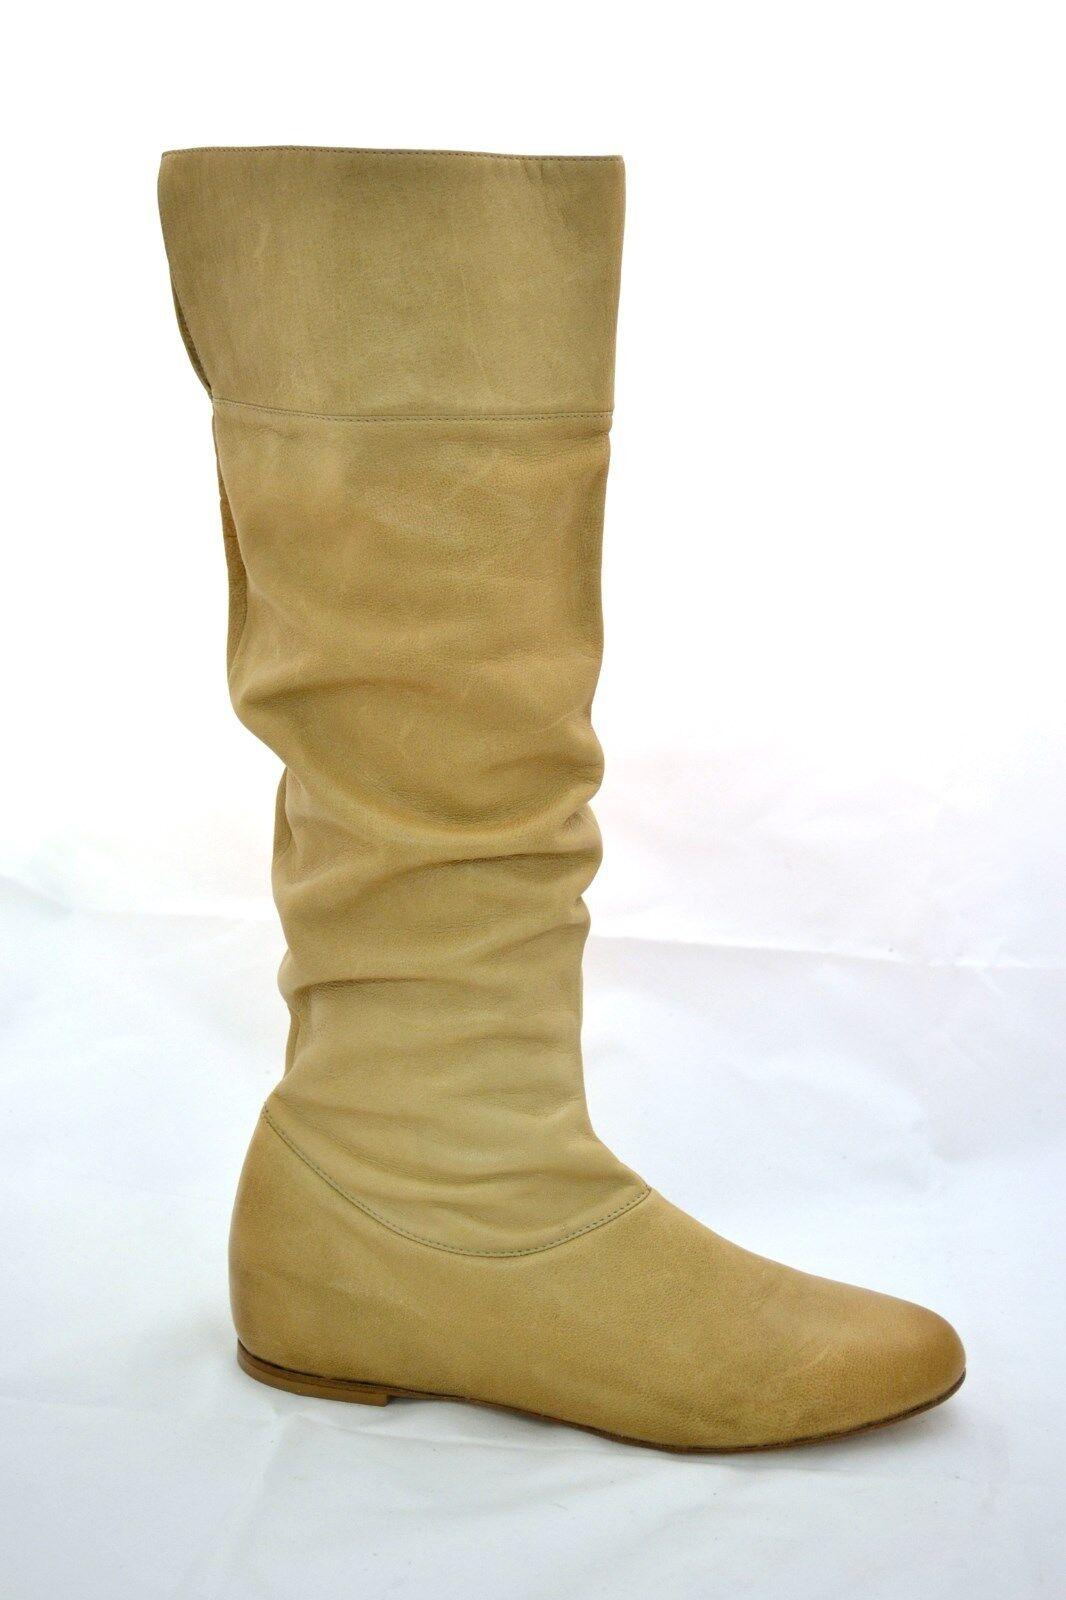 Zapatos especiales con descuento STIVALI PRIMAVERA ESTATE DONNA 37 ARTIGIANALI VERA PELLE MADE IN  ITALY